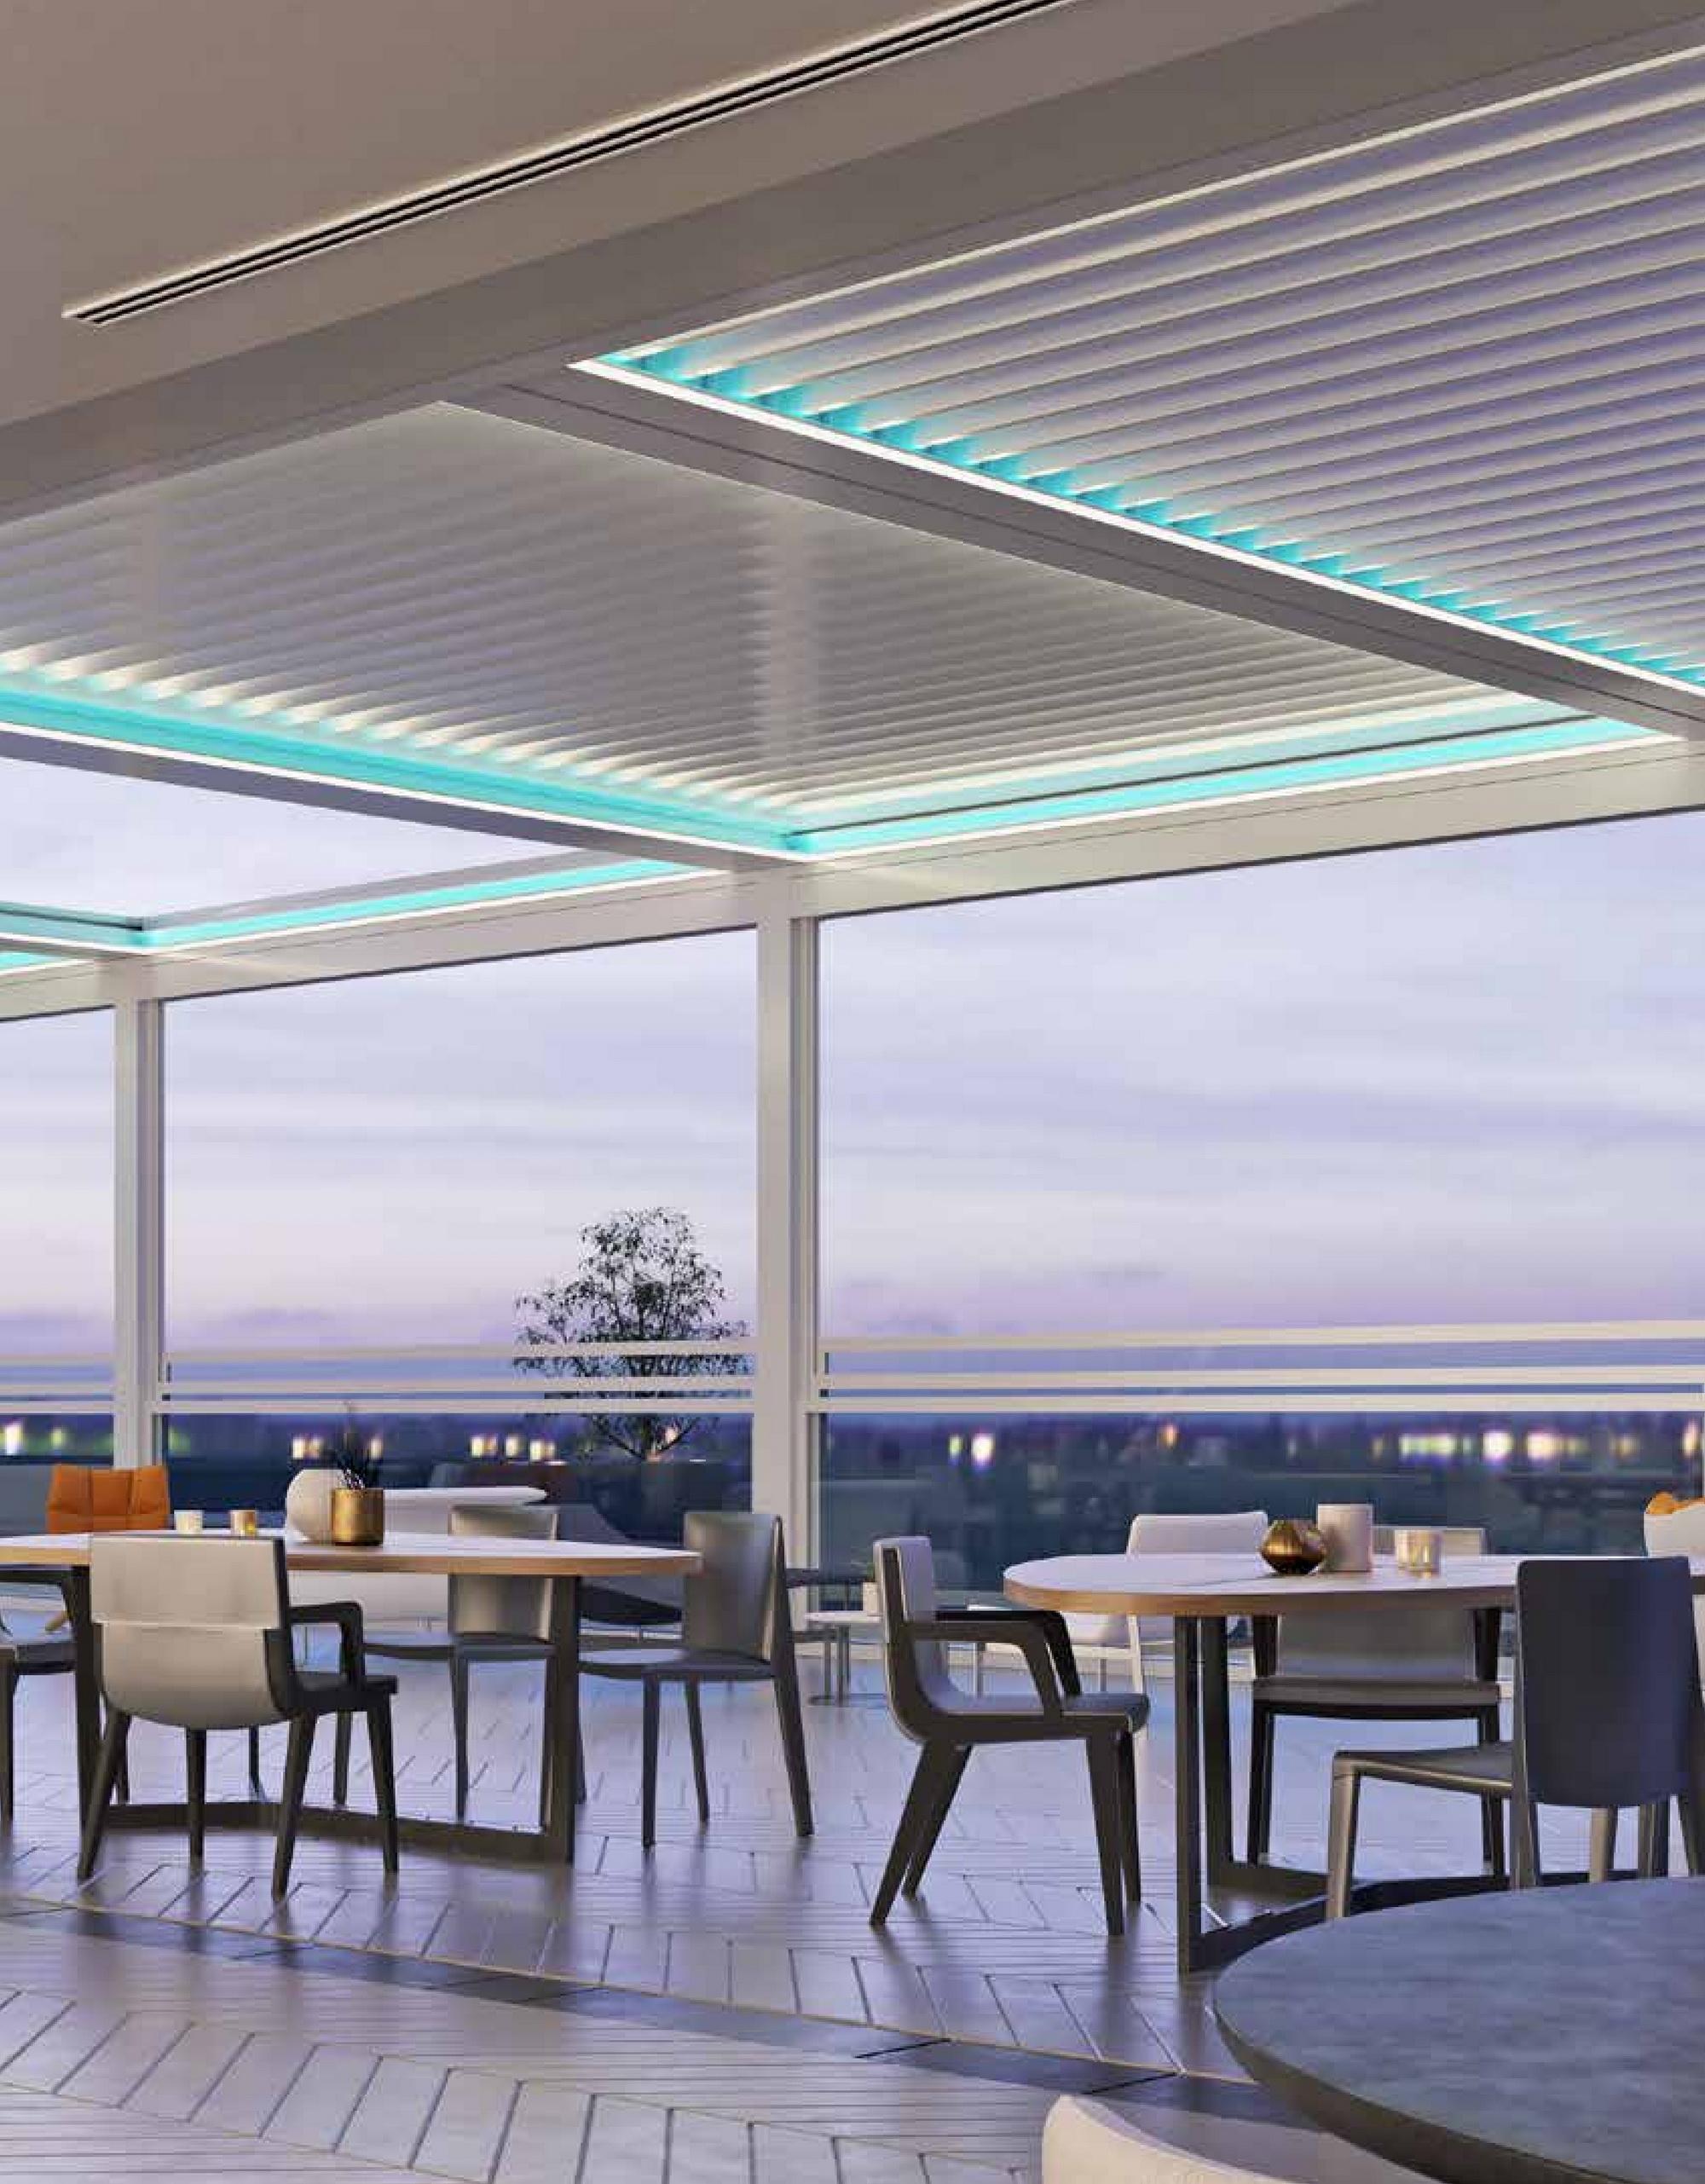 Pergola bioclimatica pentru restaurant, cafenea. pergole de lux. Cum să-ți pregătești terasa pentru iarnă